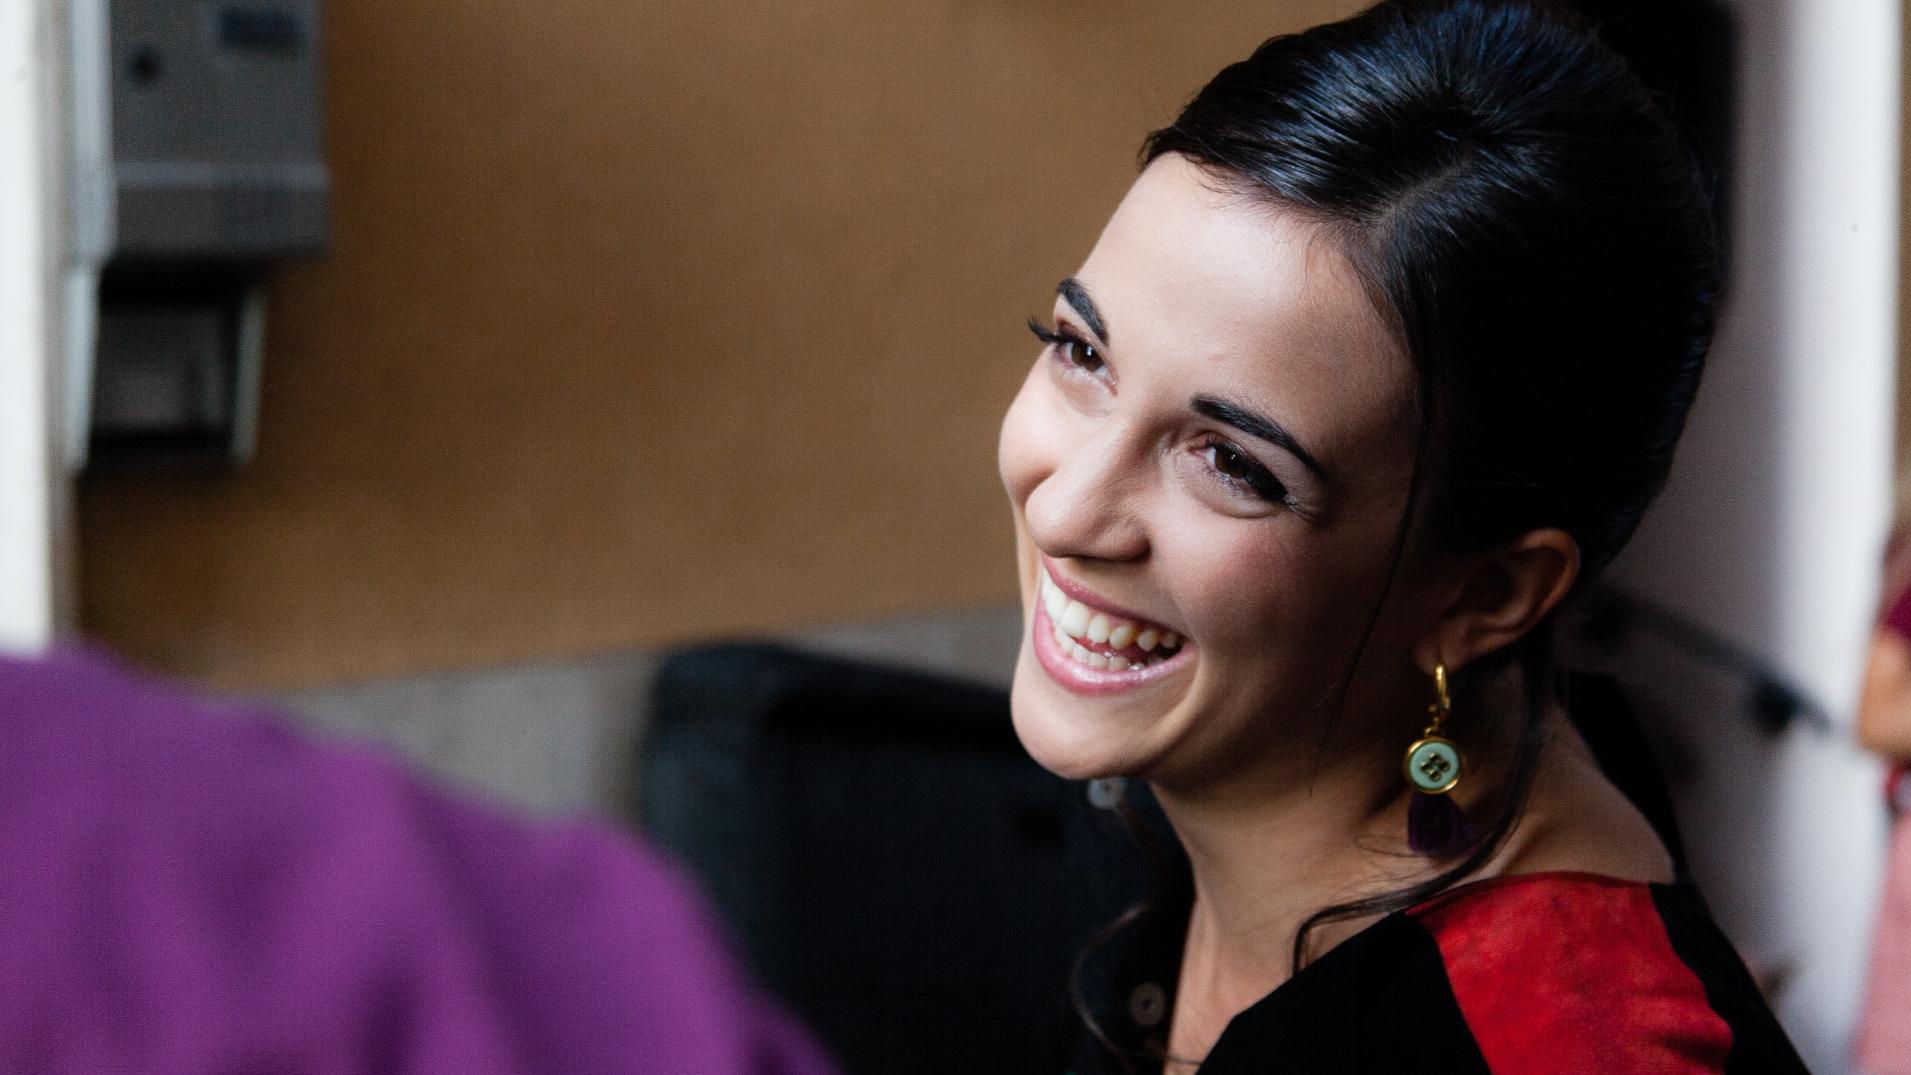 La mia seconda volta: Mariachiara Di Mitri sul set del film